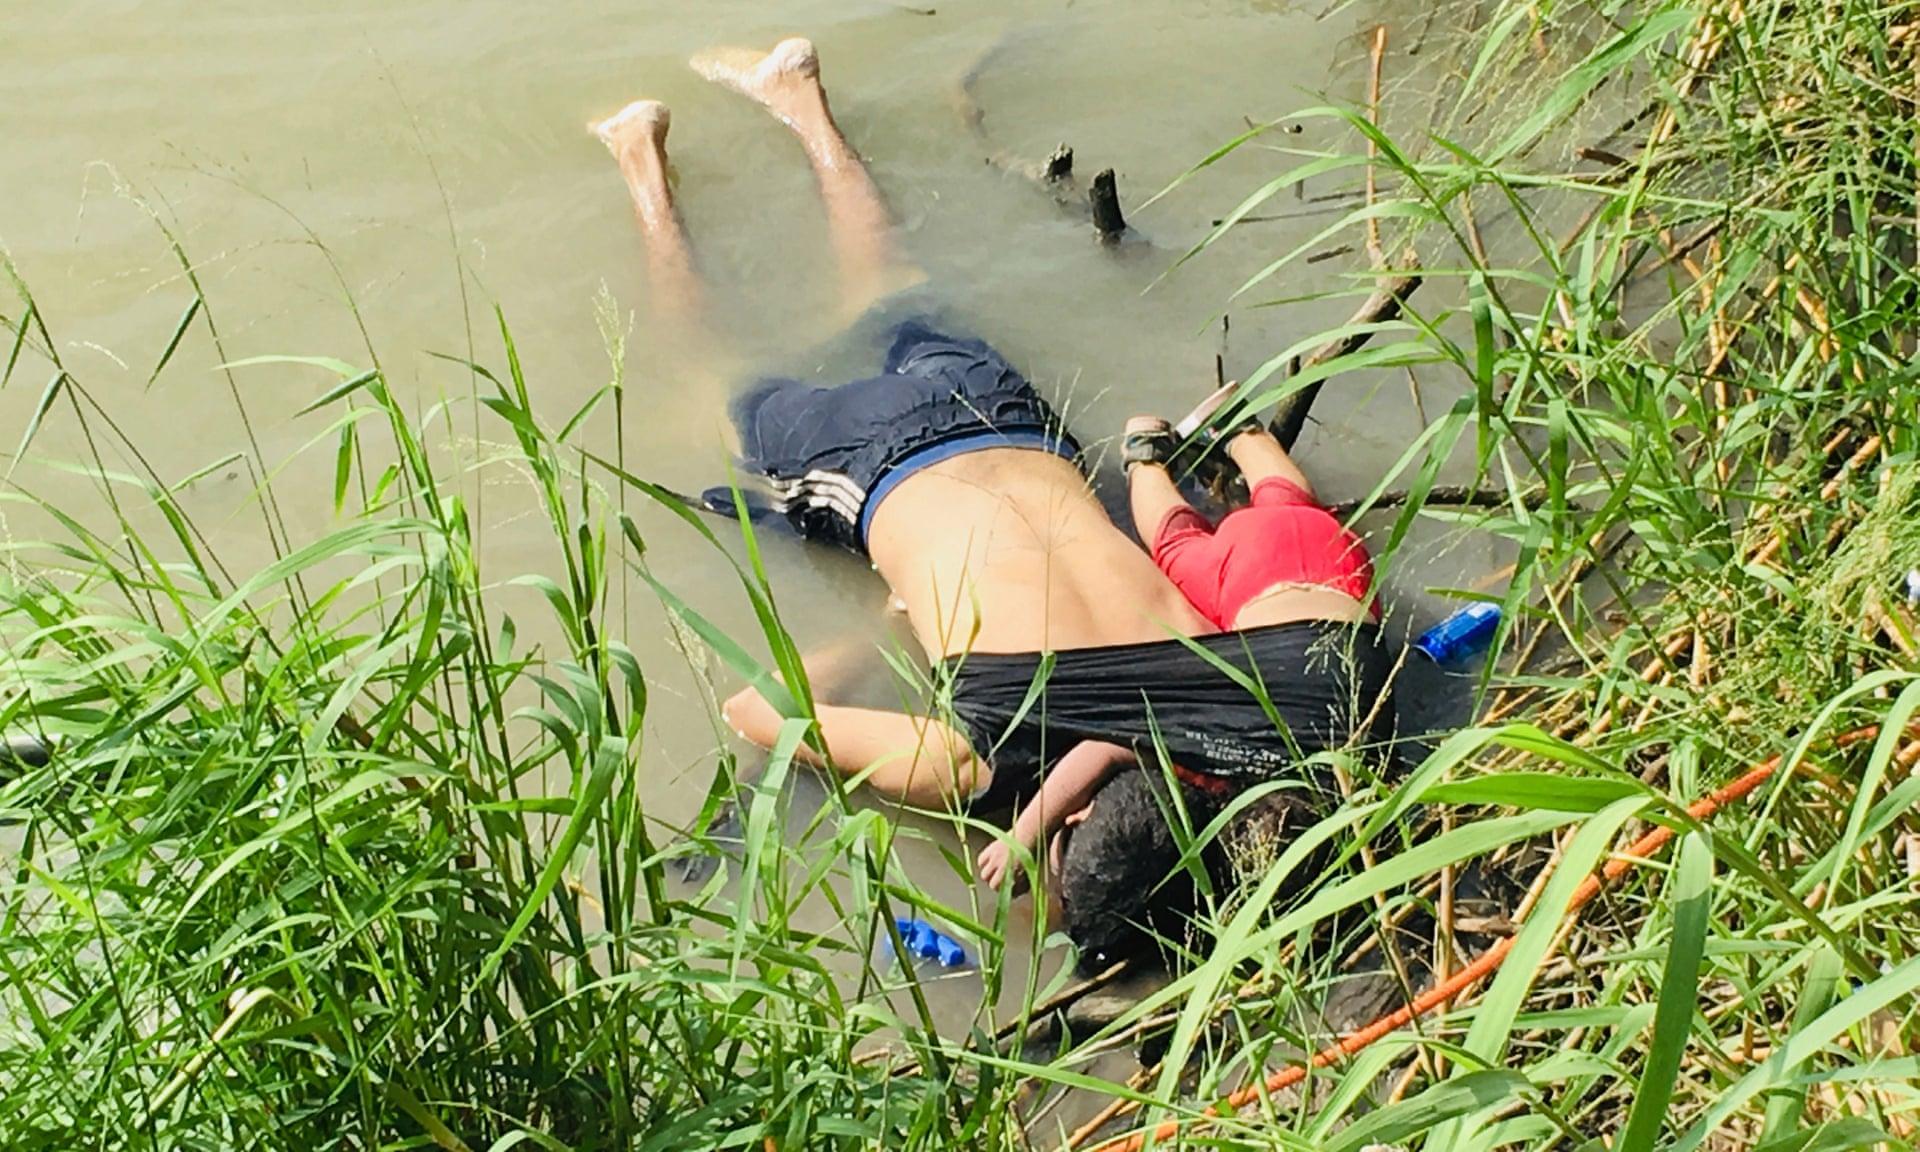 La impactante imagen que resume la tragedia de los inmigrantes en la frontera estadounidense